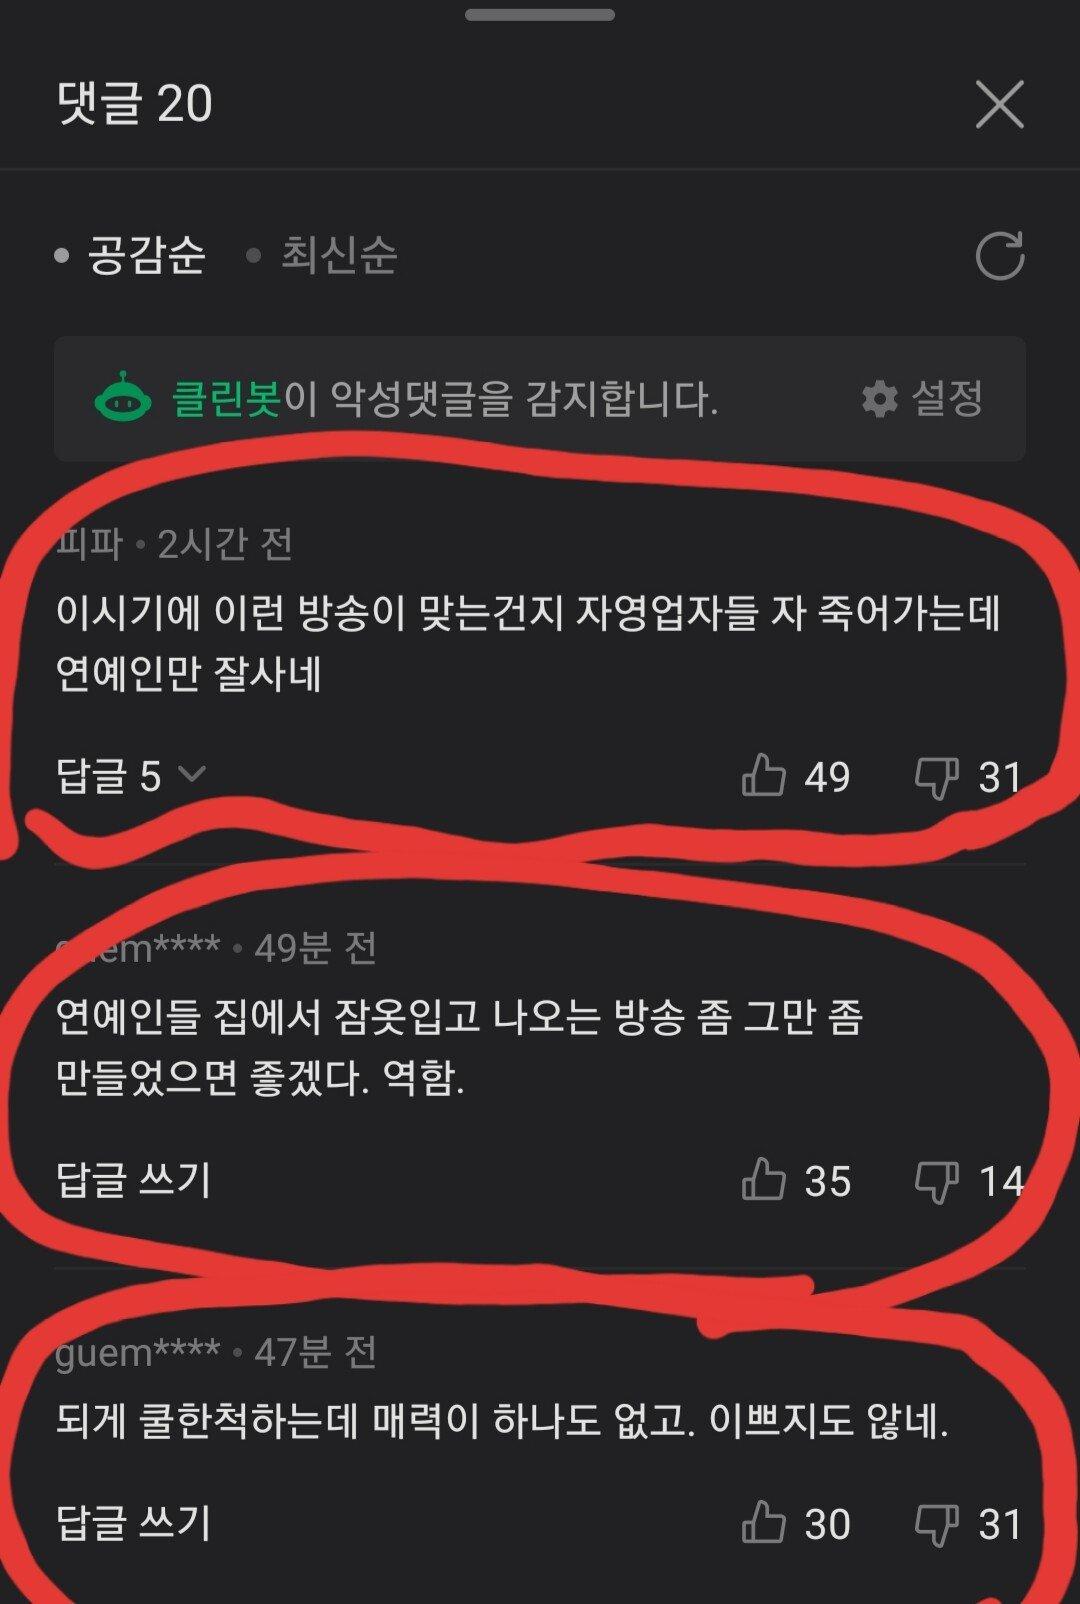 김새론 어른 생활 댓글